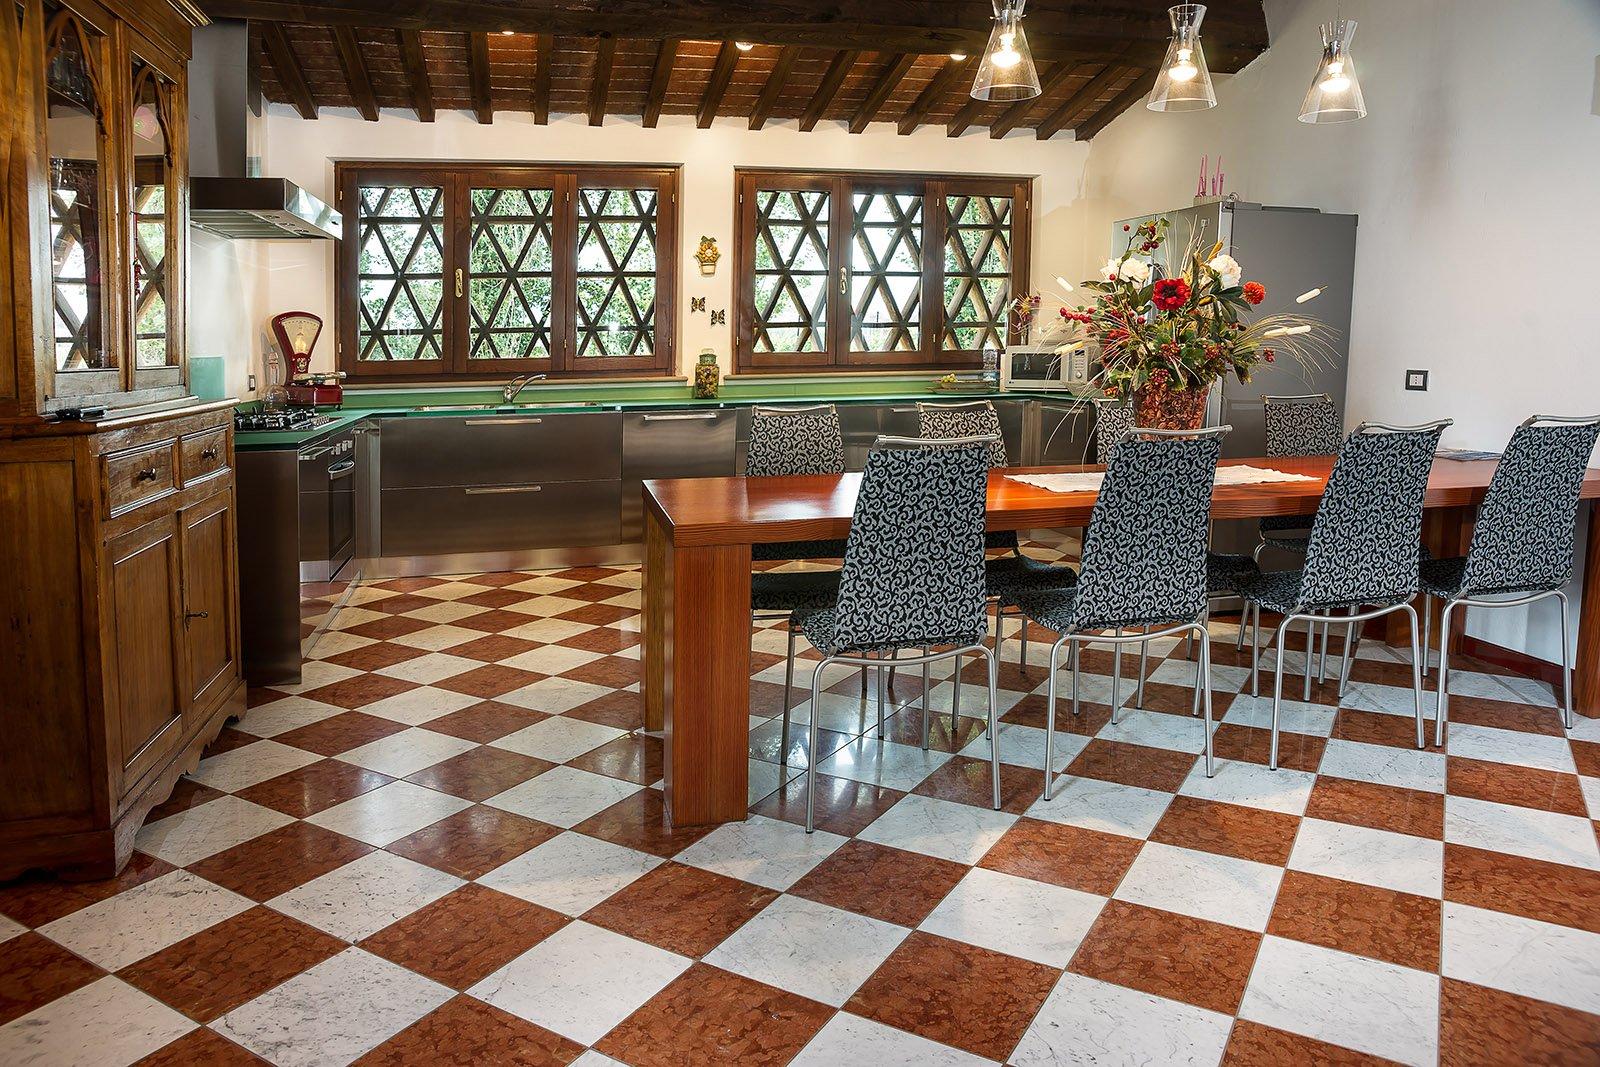 Pavimenti in marmo travertino alla veneziana all - Pavimenti camere da letto ...